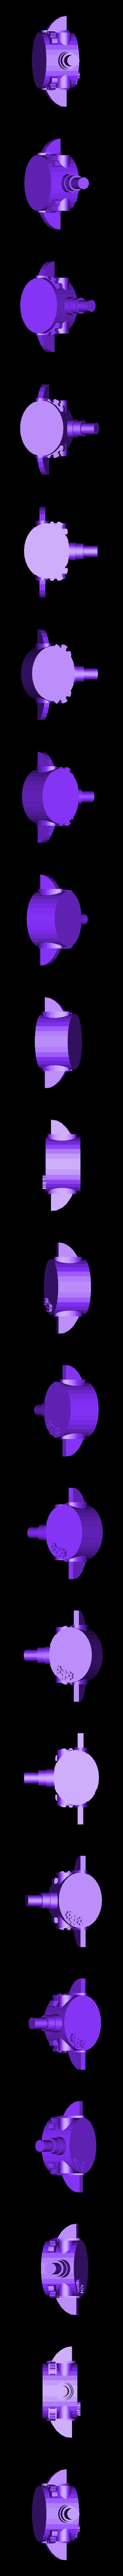 Rear_Body.stl Télécharger fichier STL gratuit GyroBomber nain • Objet imprimable en 3D, mrhers2